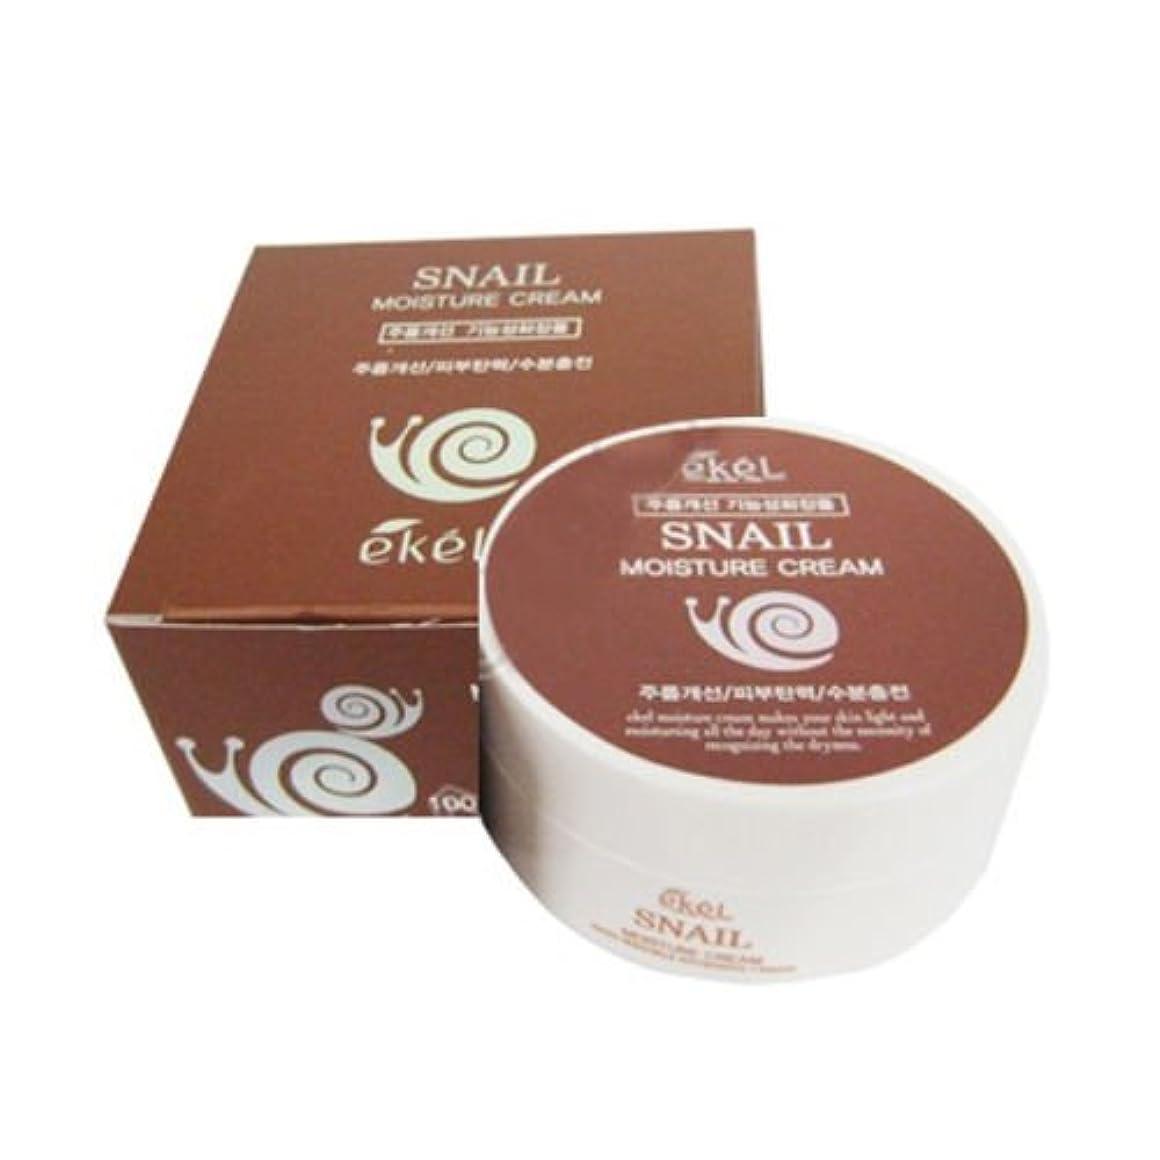 適度にメイトなるイケル[韓国コスメEkel]Snail Moisture Cream カタツムリモイスチャークリーム100g [並行輸入品]